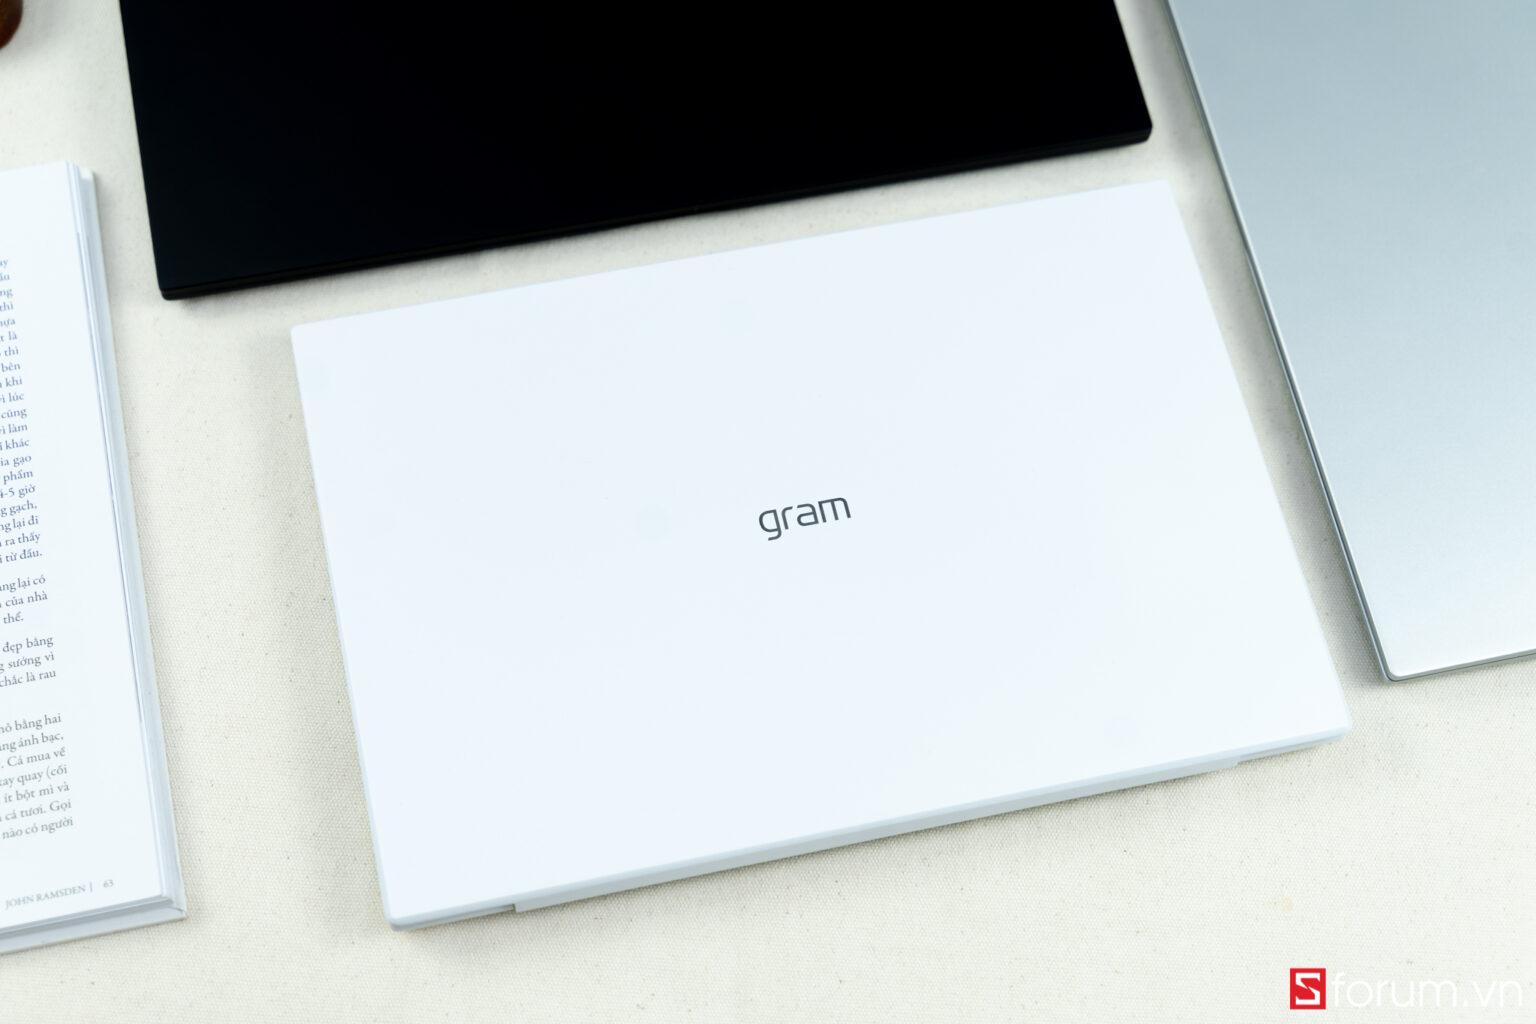 Trên tay nhanh chiếc laptop siêu mỏng siêu nhẹ LG Gram 2021 14 inch